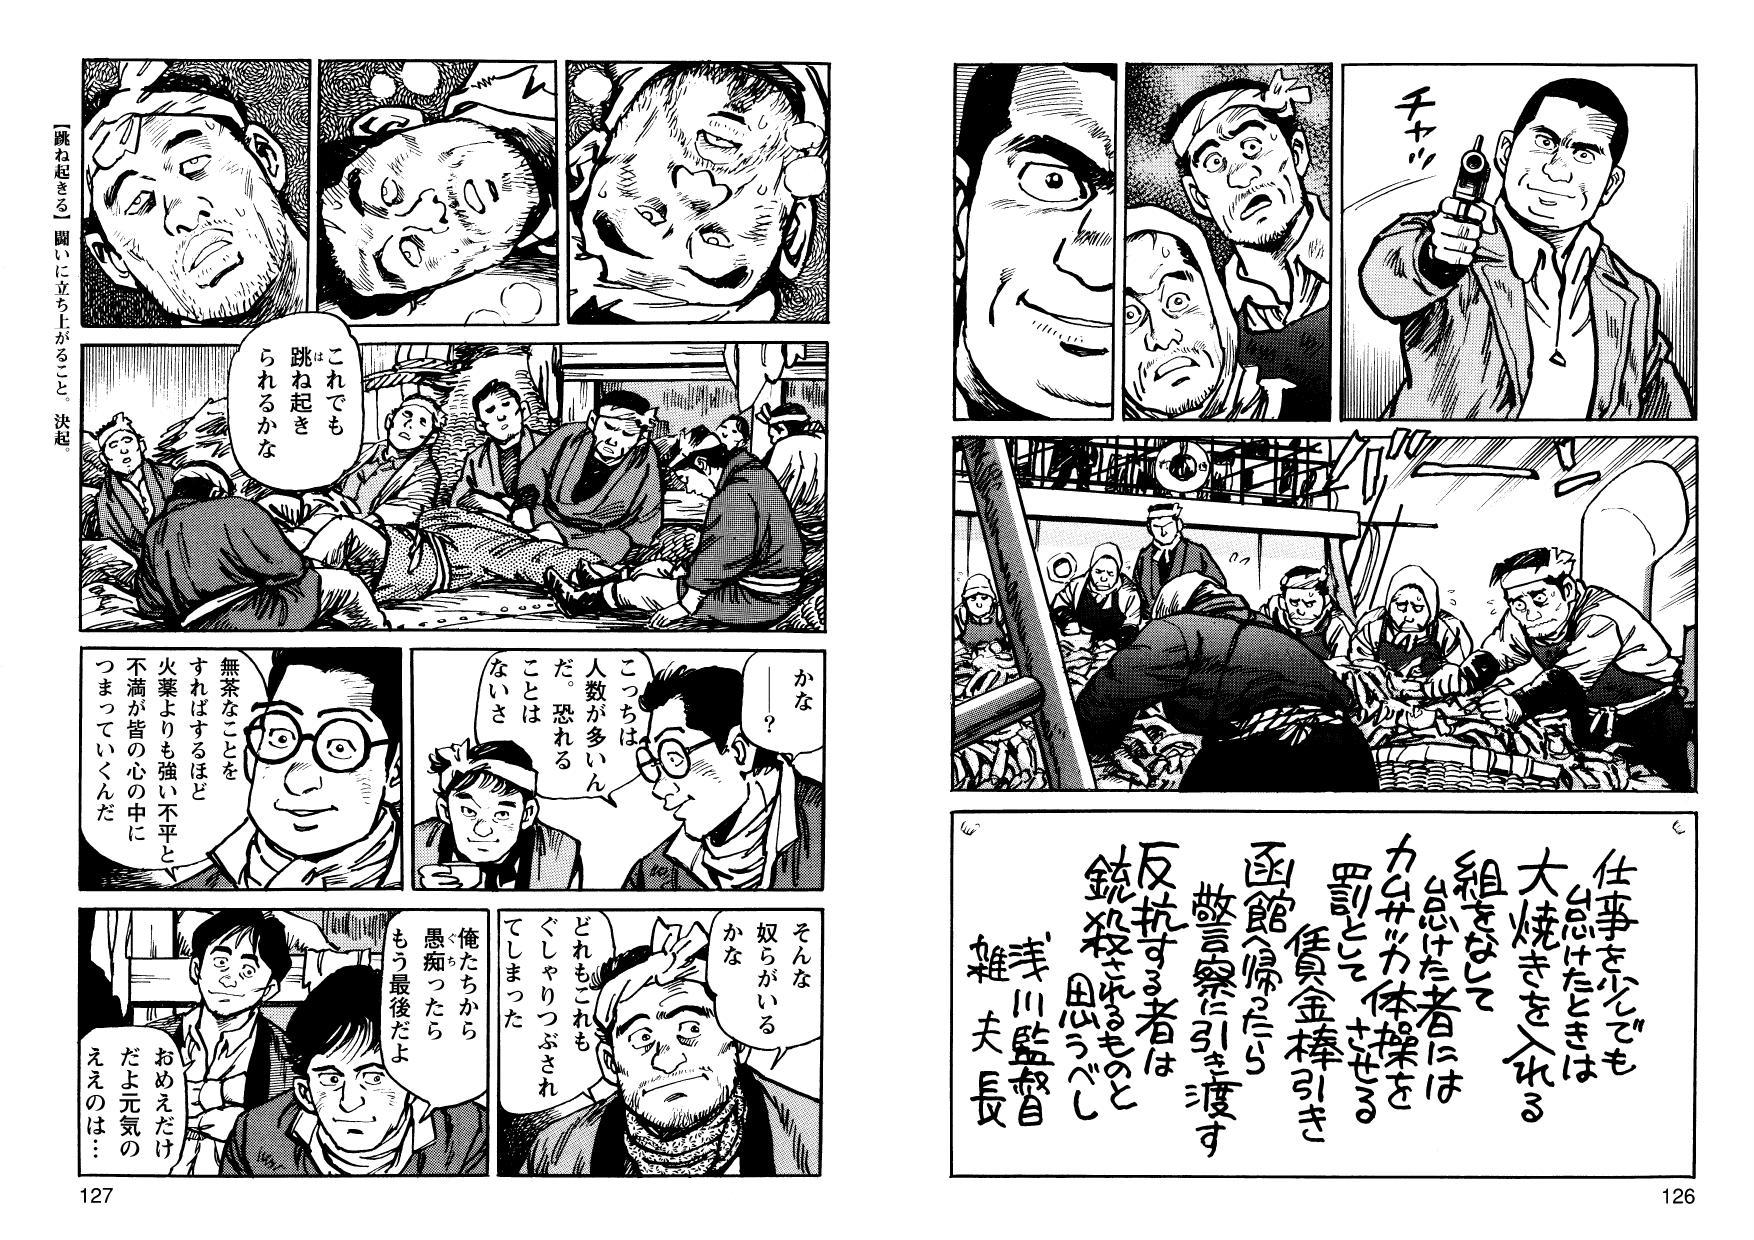 kani_cmc_000064.jpg